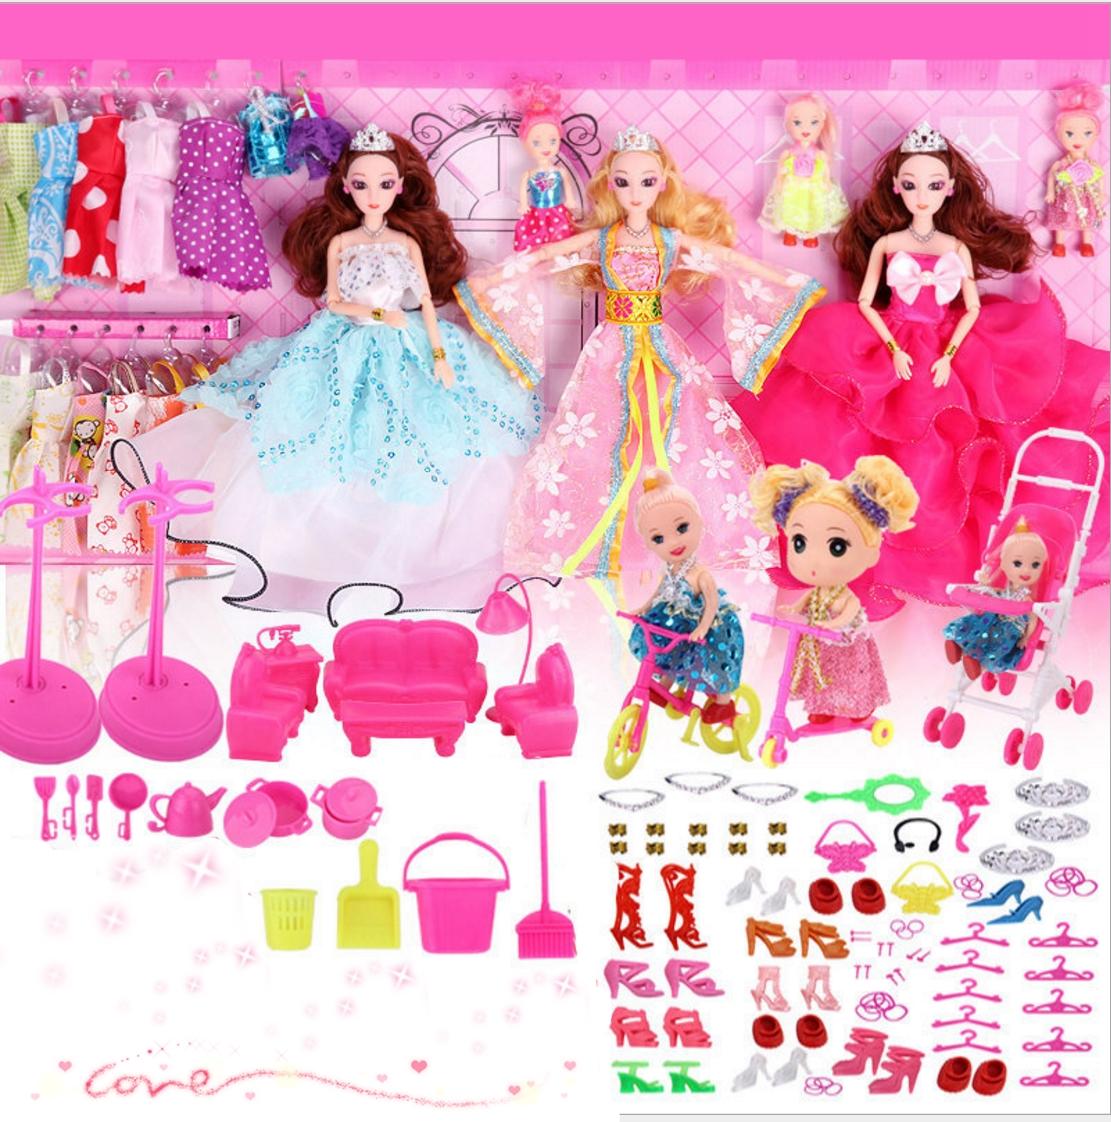 儿童玩具婚纱洋娃娃公主过家家套装大礼盒女孩生日礼物